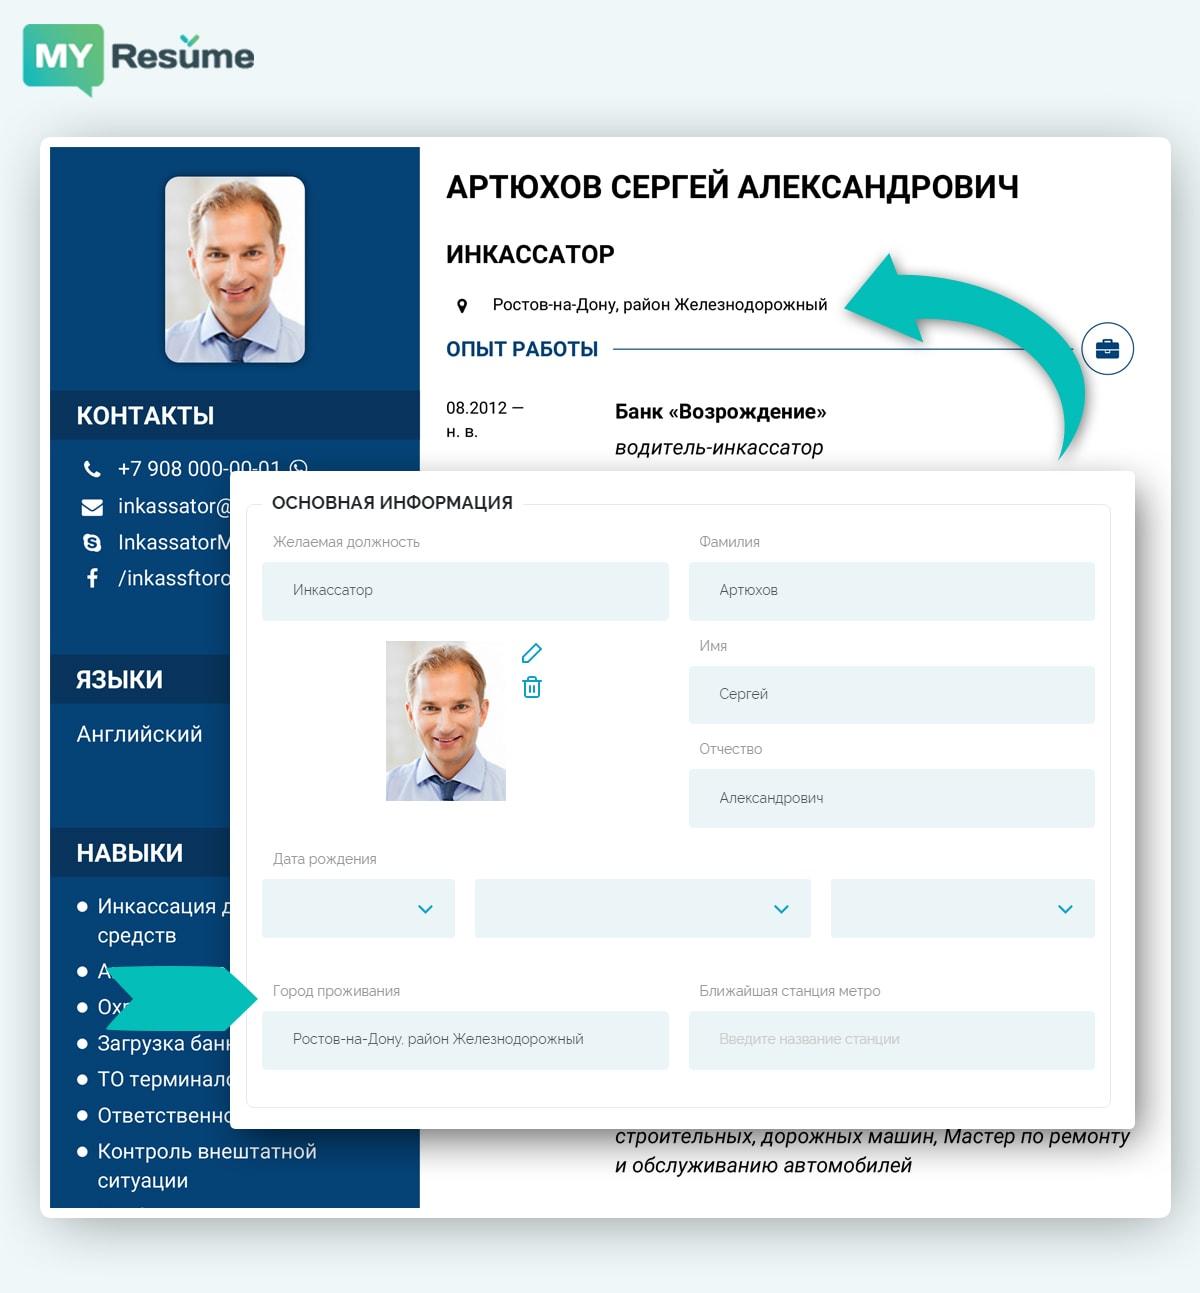 район проживания в резюме в конструкторе myresume.ru